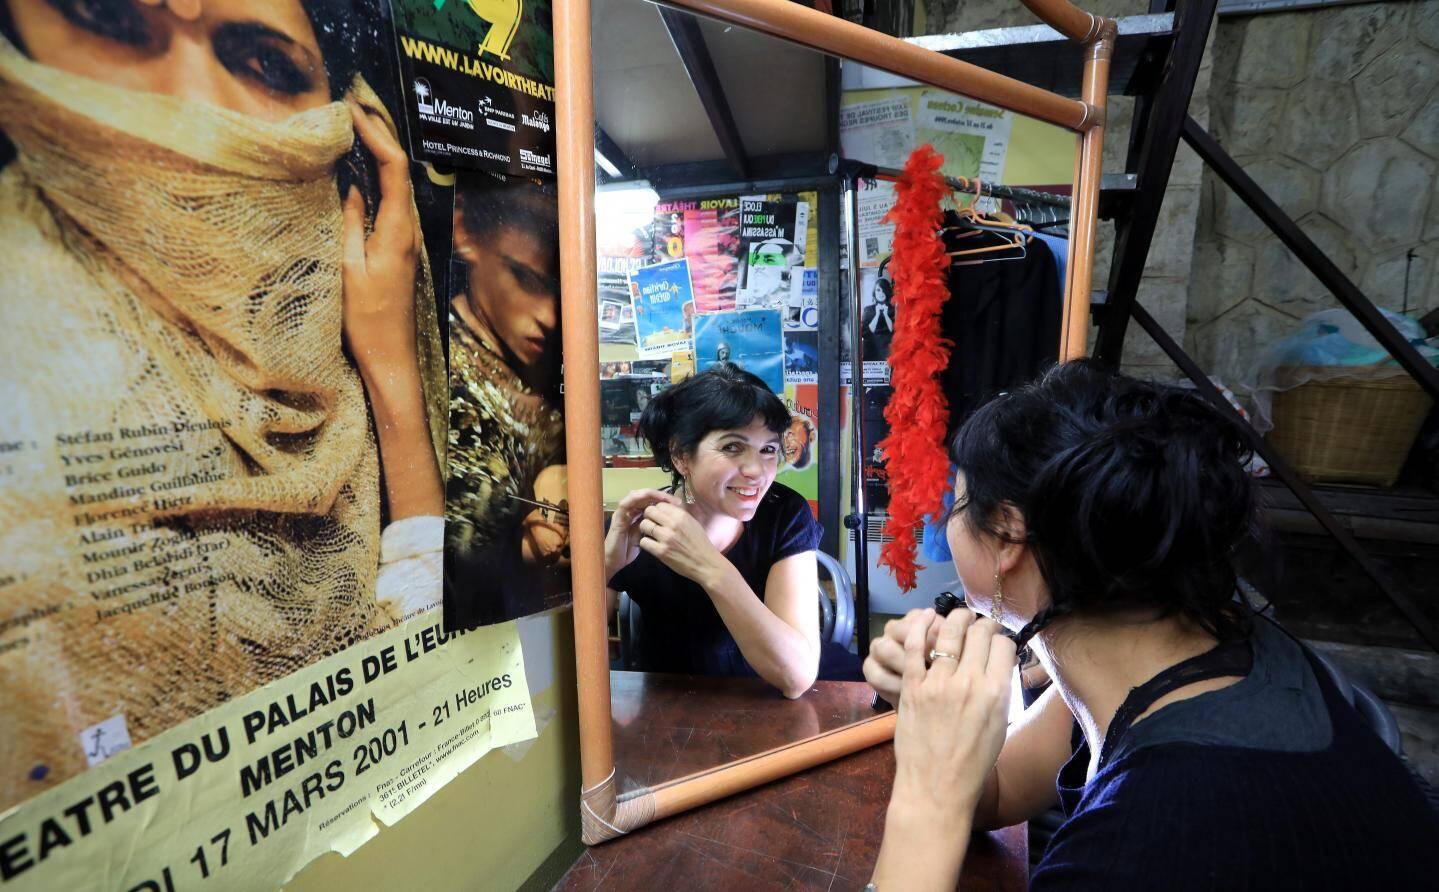 Jeux de reflets: Mandine Guillaume face au miroir, et face à son portrait, qui tient le haut de l'affiche dans Don Juan, joué en 2001.